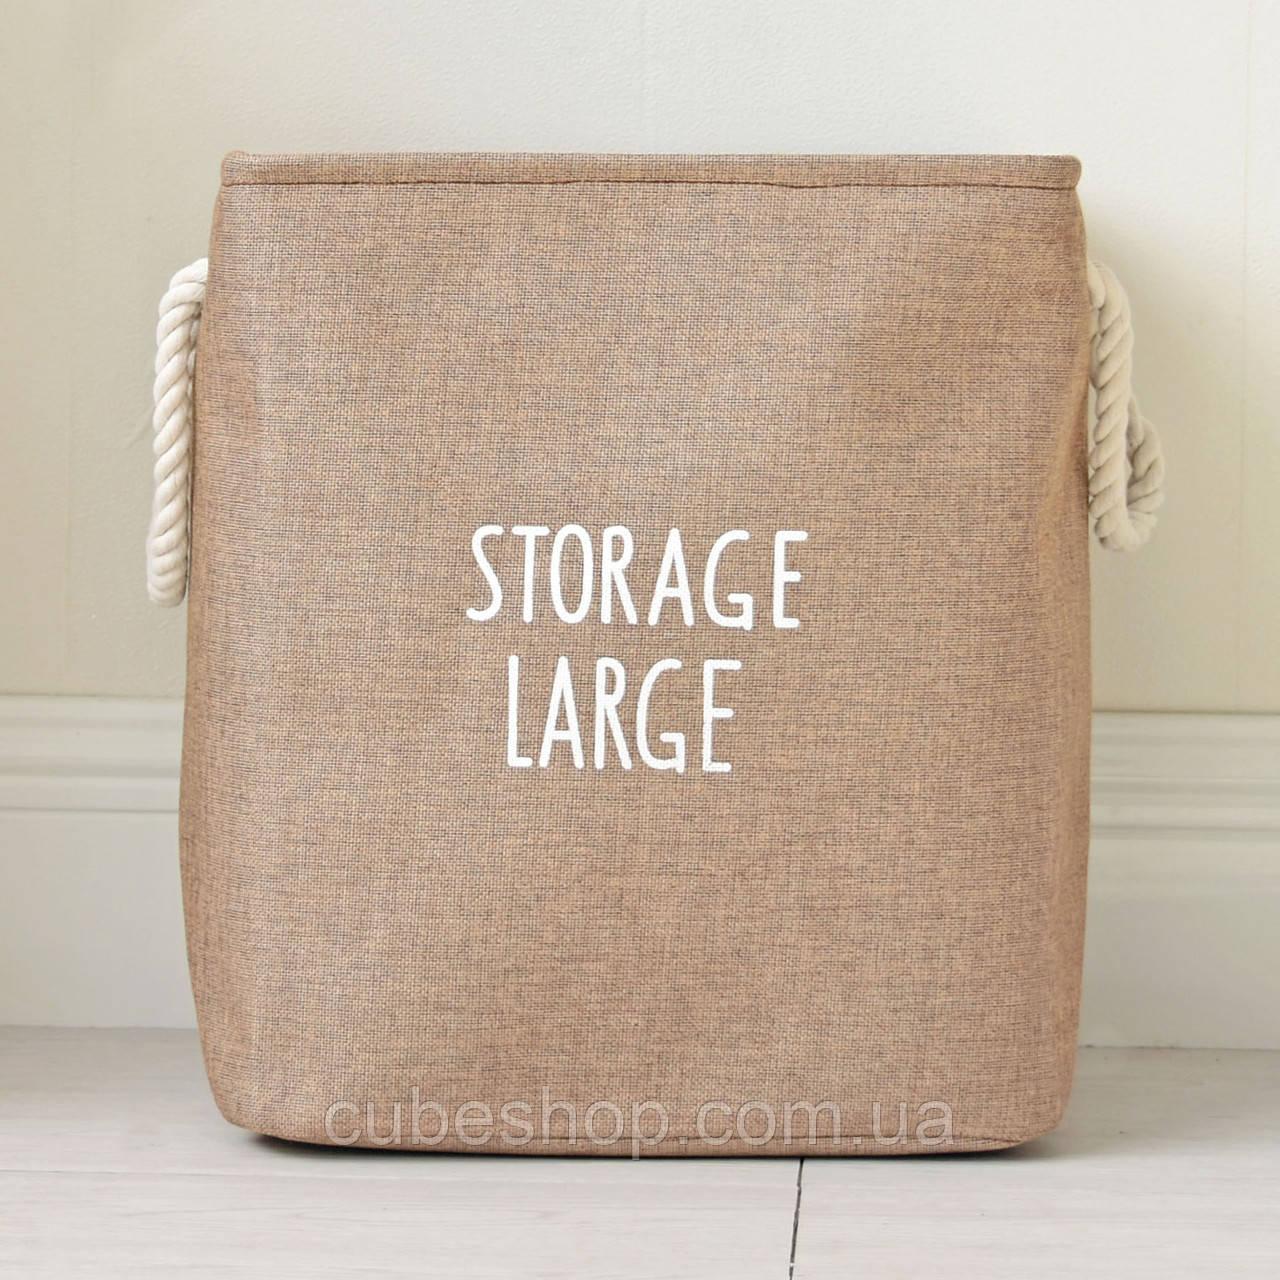 Корзина для белья и игрушек Storage brown